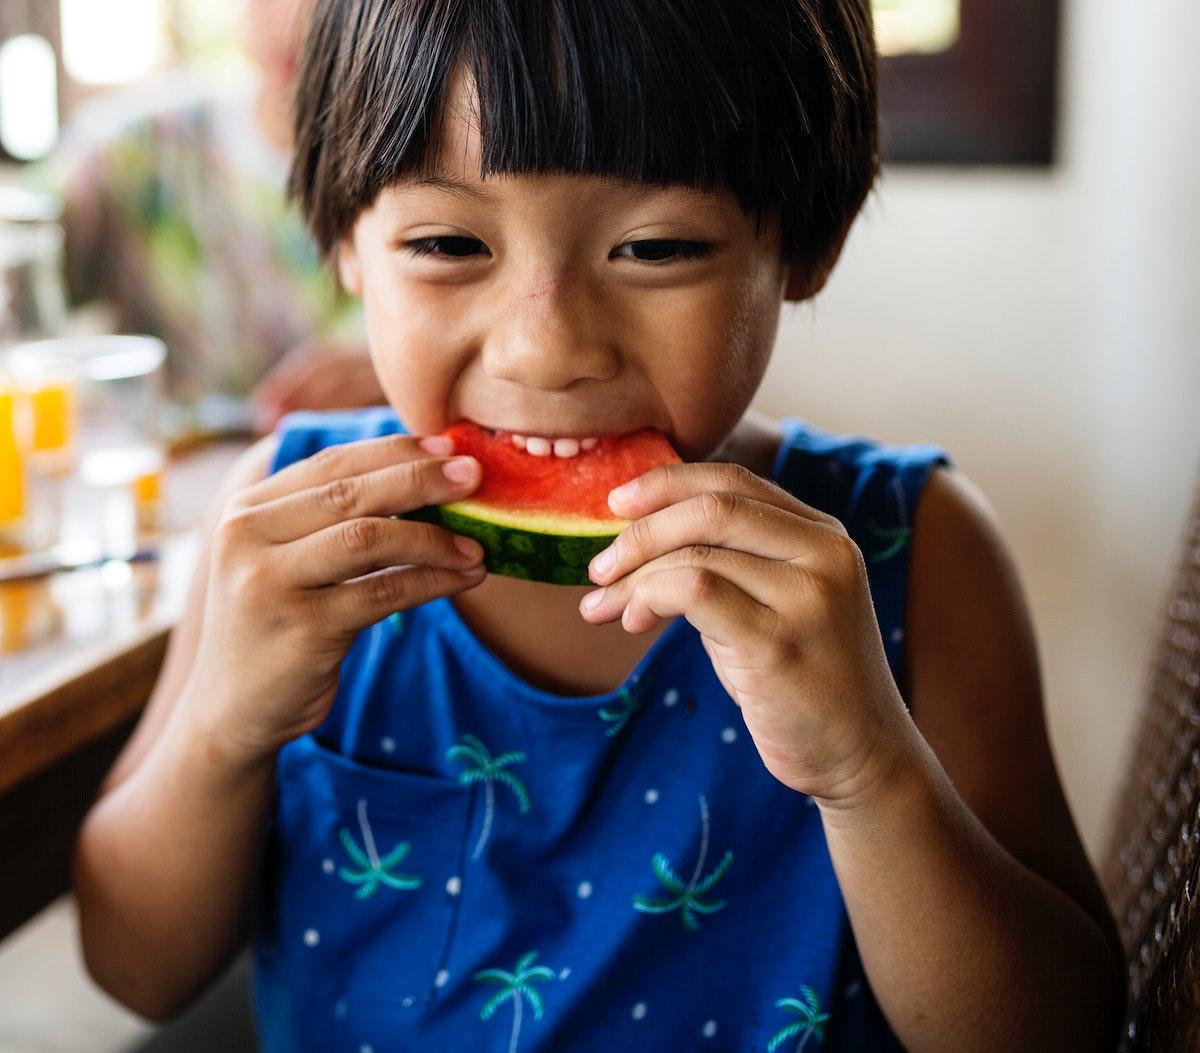 Little boy enjoying a piece of watermelon